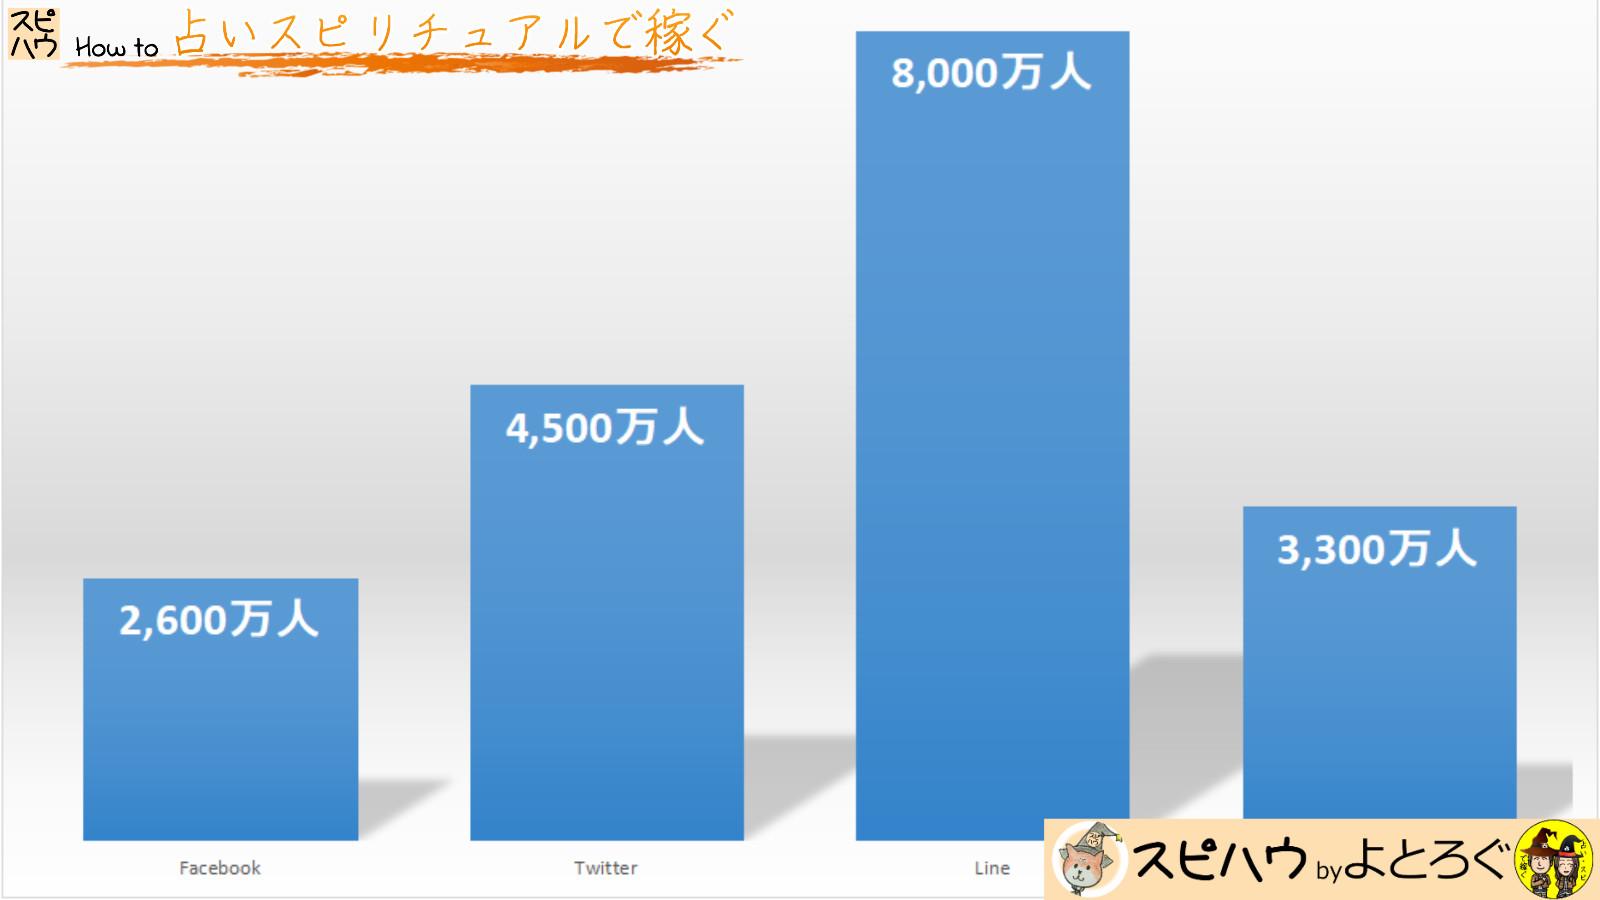 4大SNSの国内月間アクティブユーザー数のグラフ画像